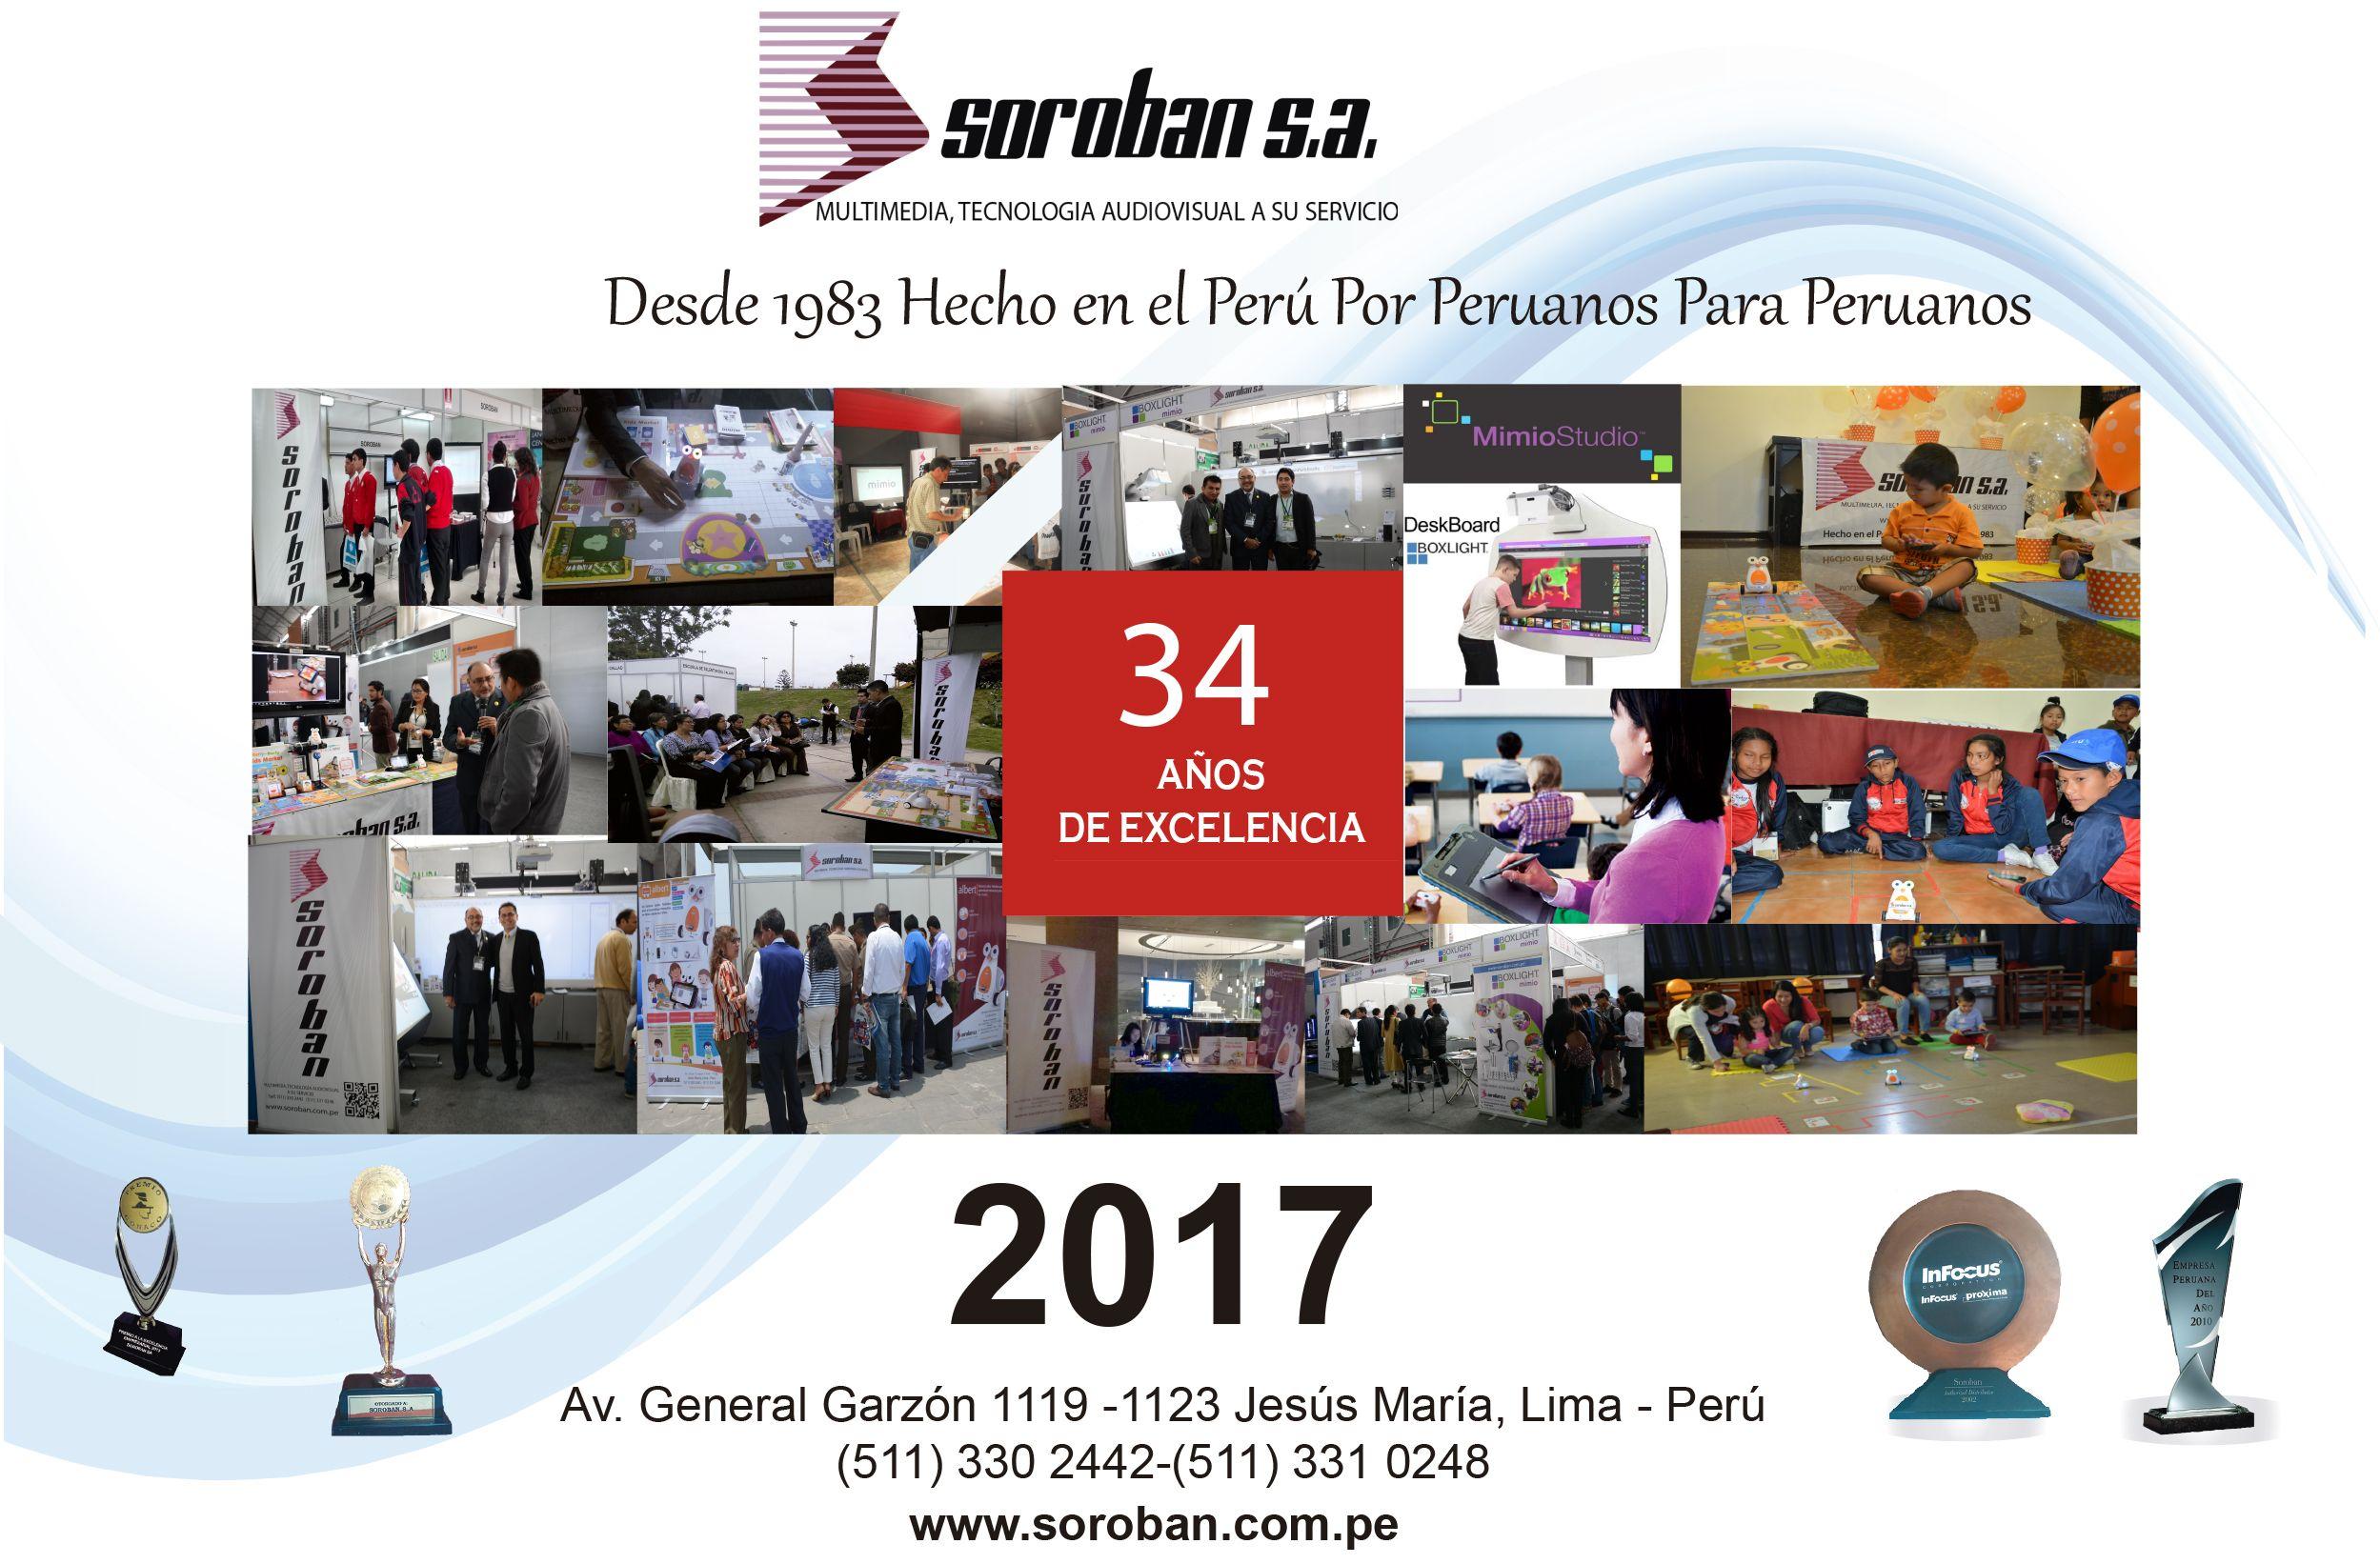 Felíz 34 Aniversario de Soroban S.A, Líderes en la Industria Audiovisual e Interactiva del Perú